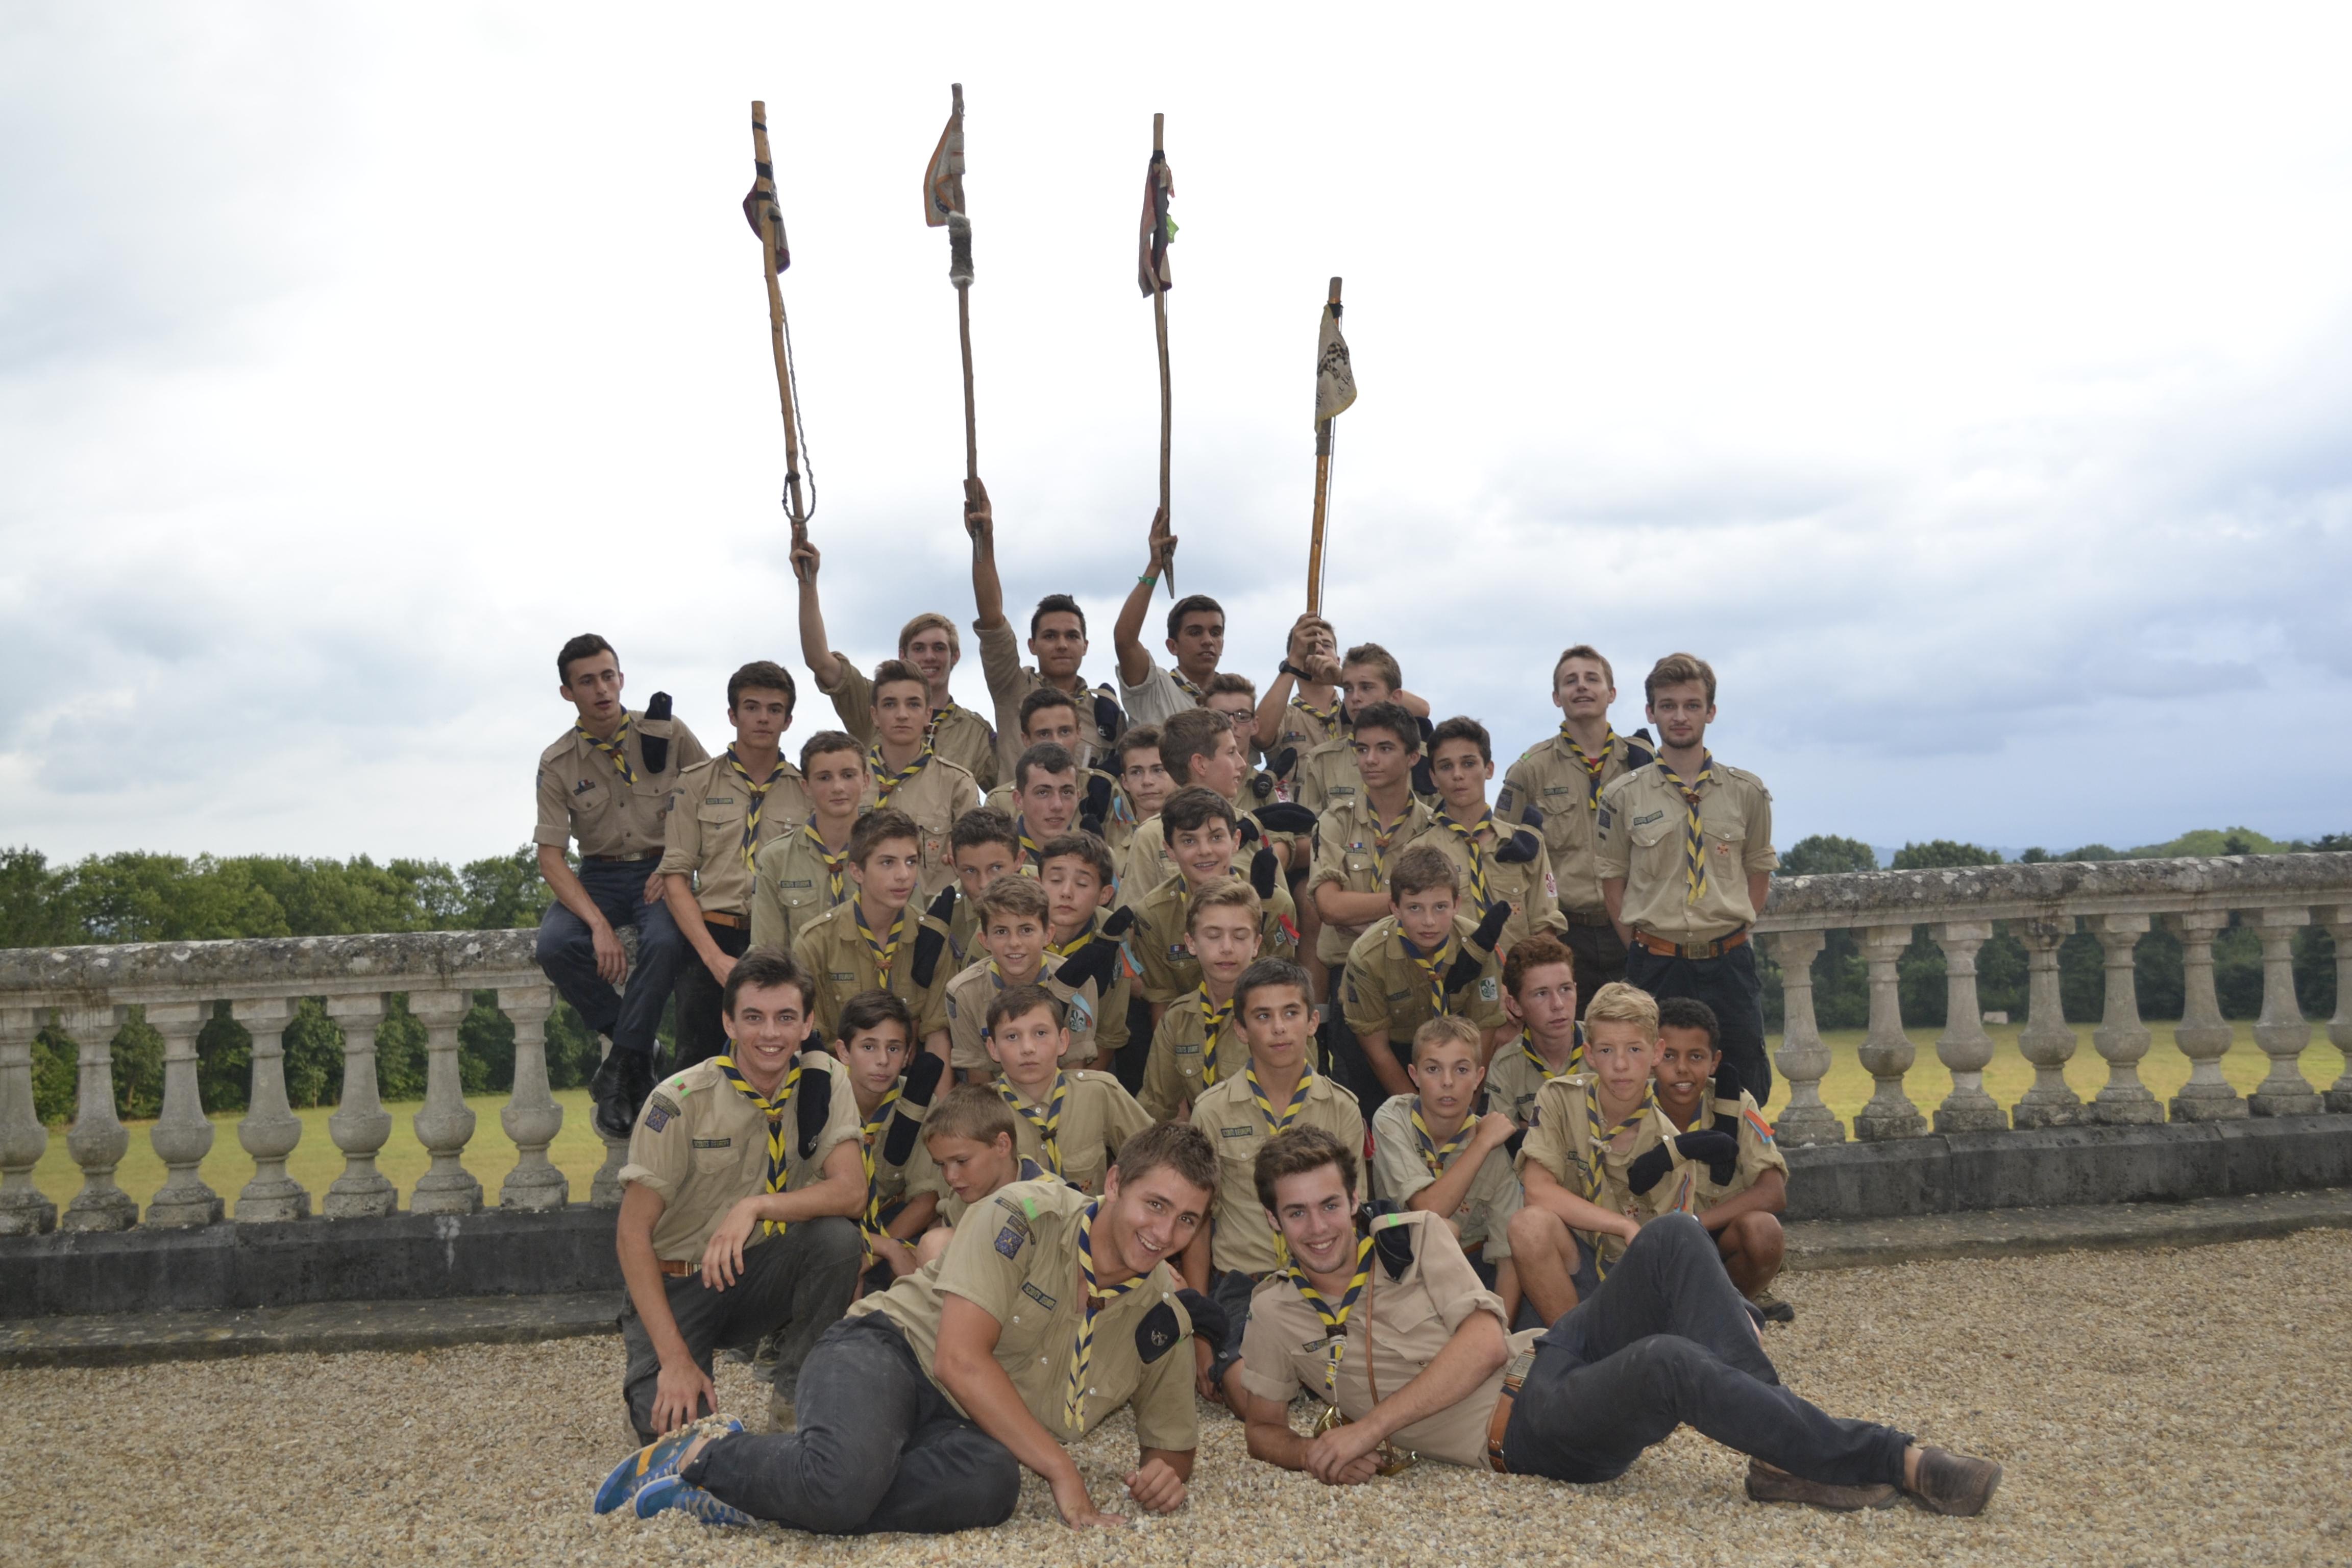 Un camp scout en Pologne pour 35 jeunes